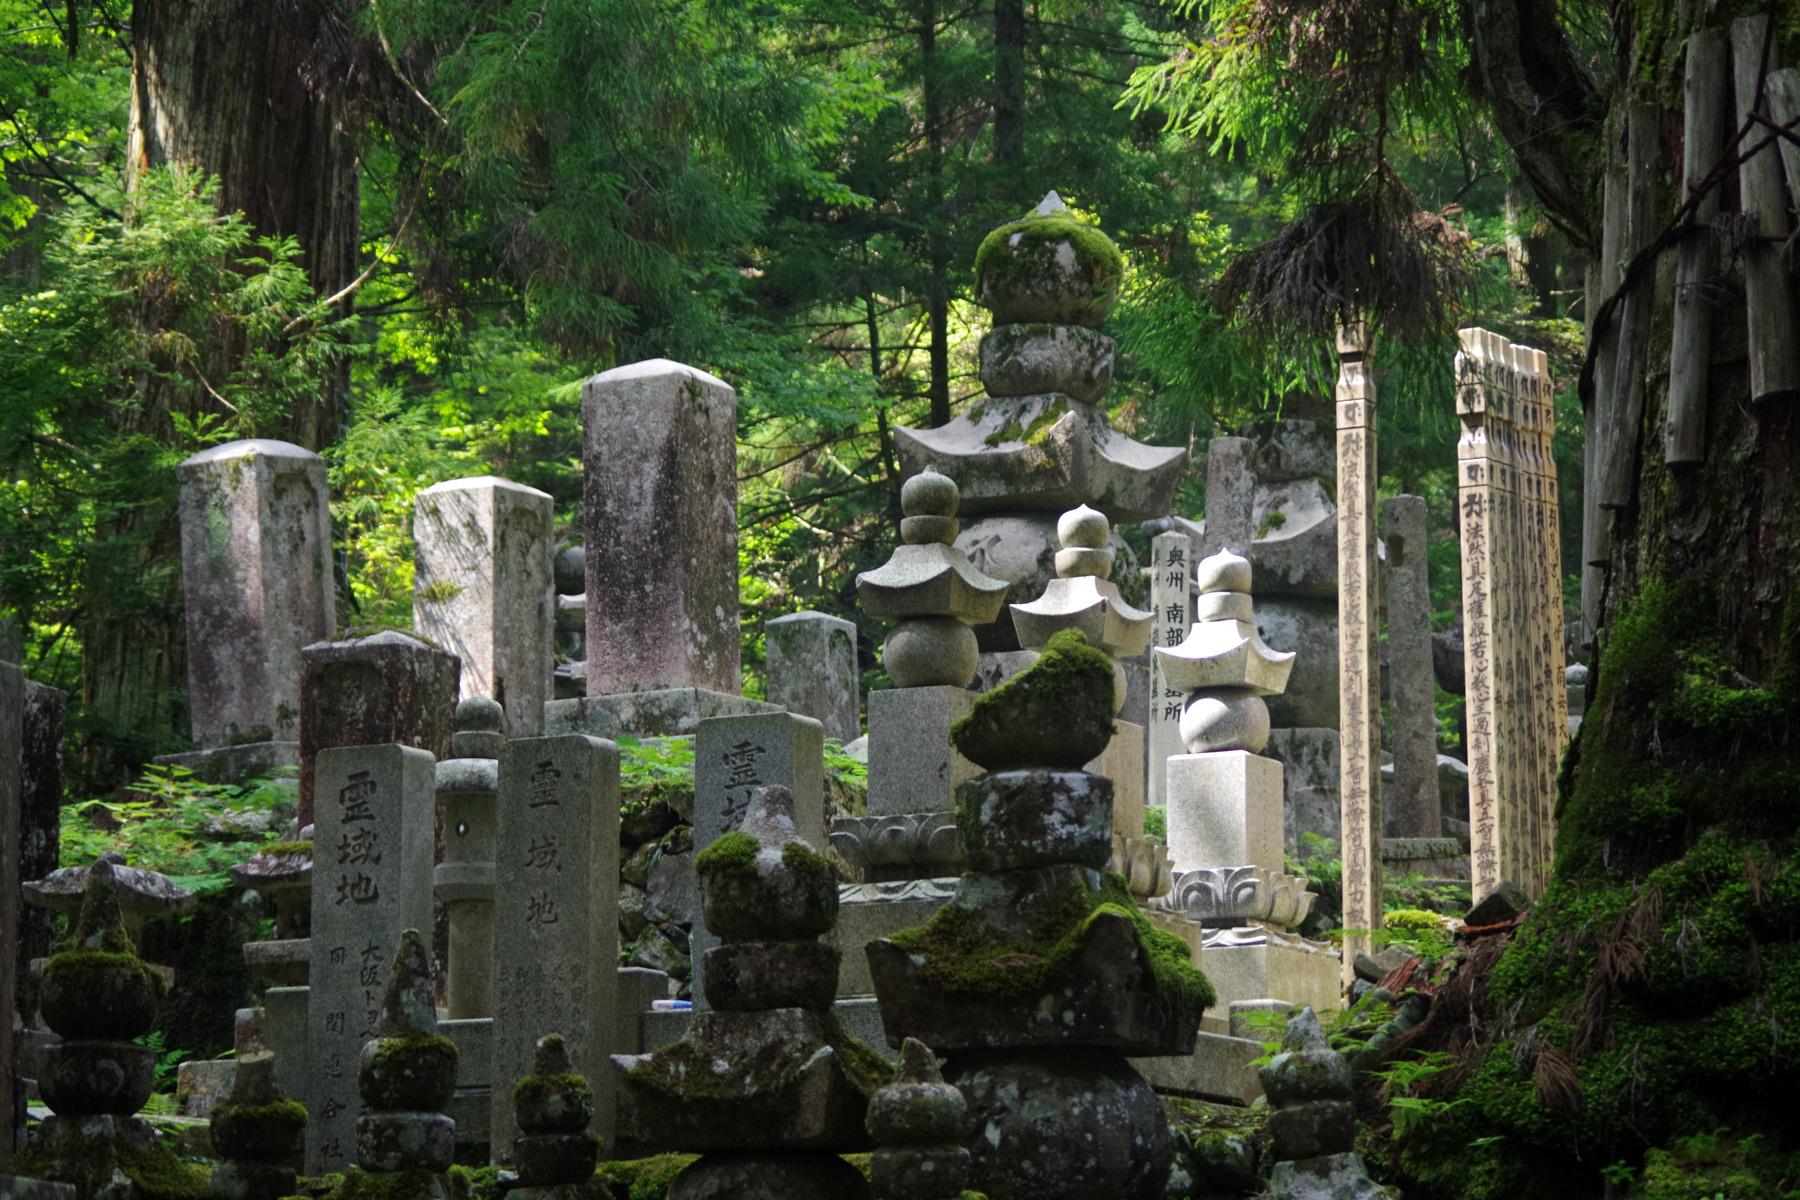 高野山奥の院参道に鎮座する過去から現代に続く無数の墓標